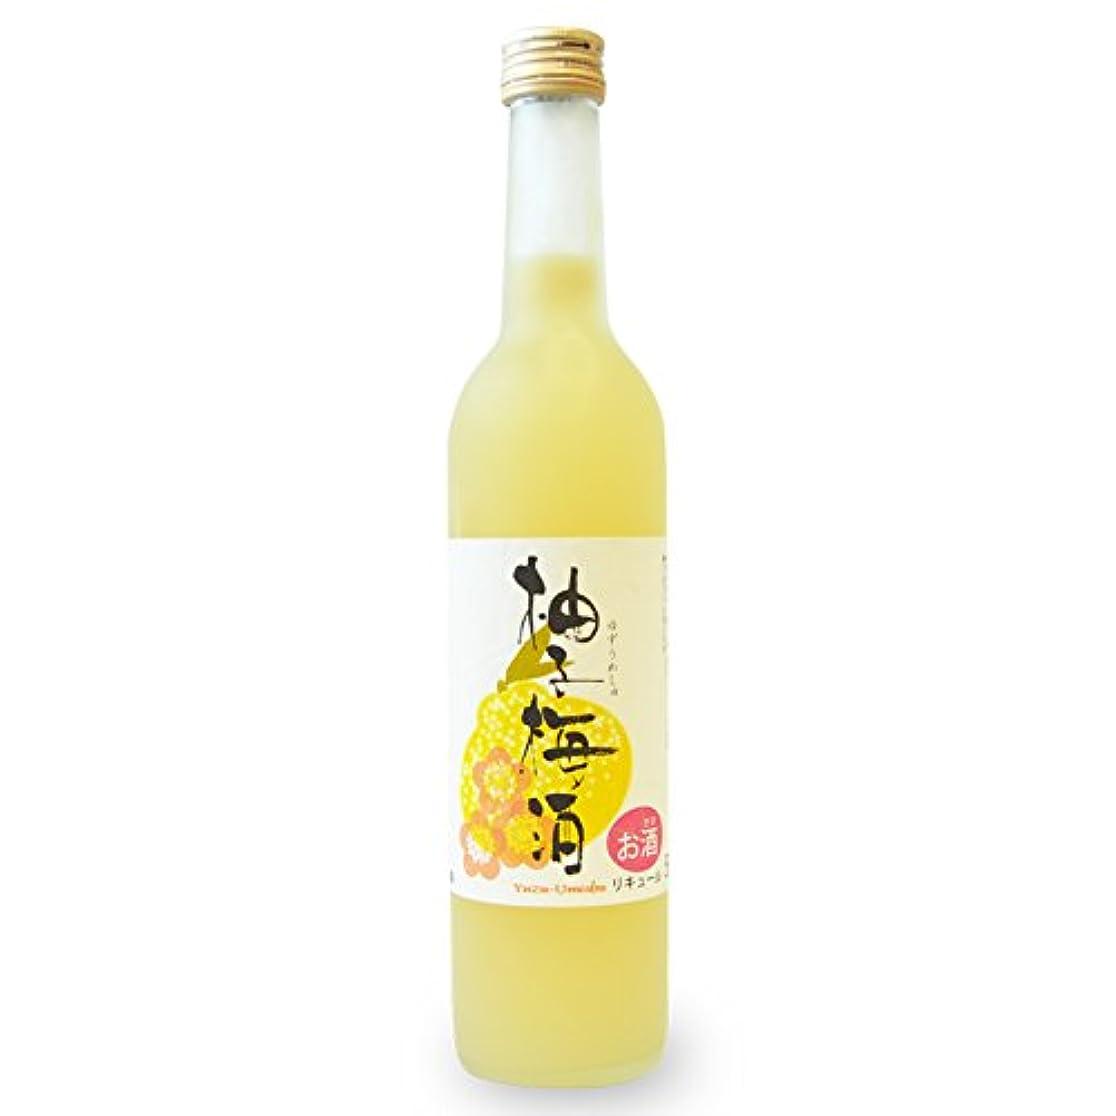 更新する弱まる処方するプラム食品 柚子梅酒(ゆずうめしゅ)500ml アルコール度数9%